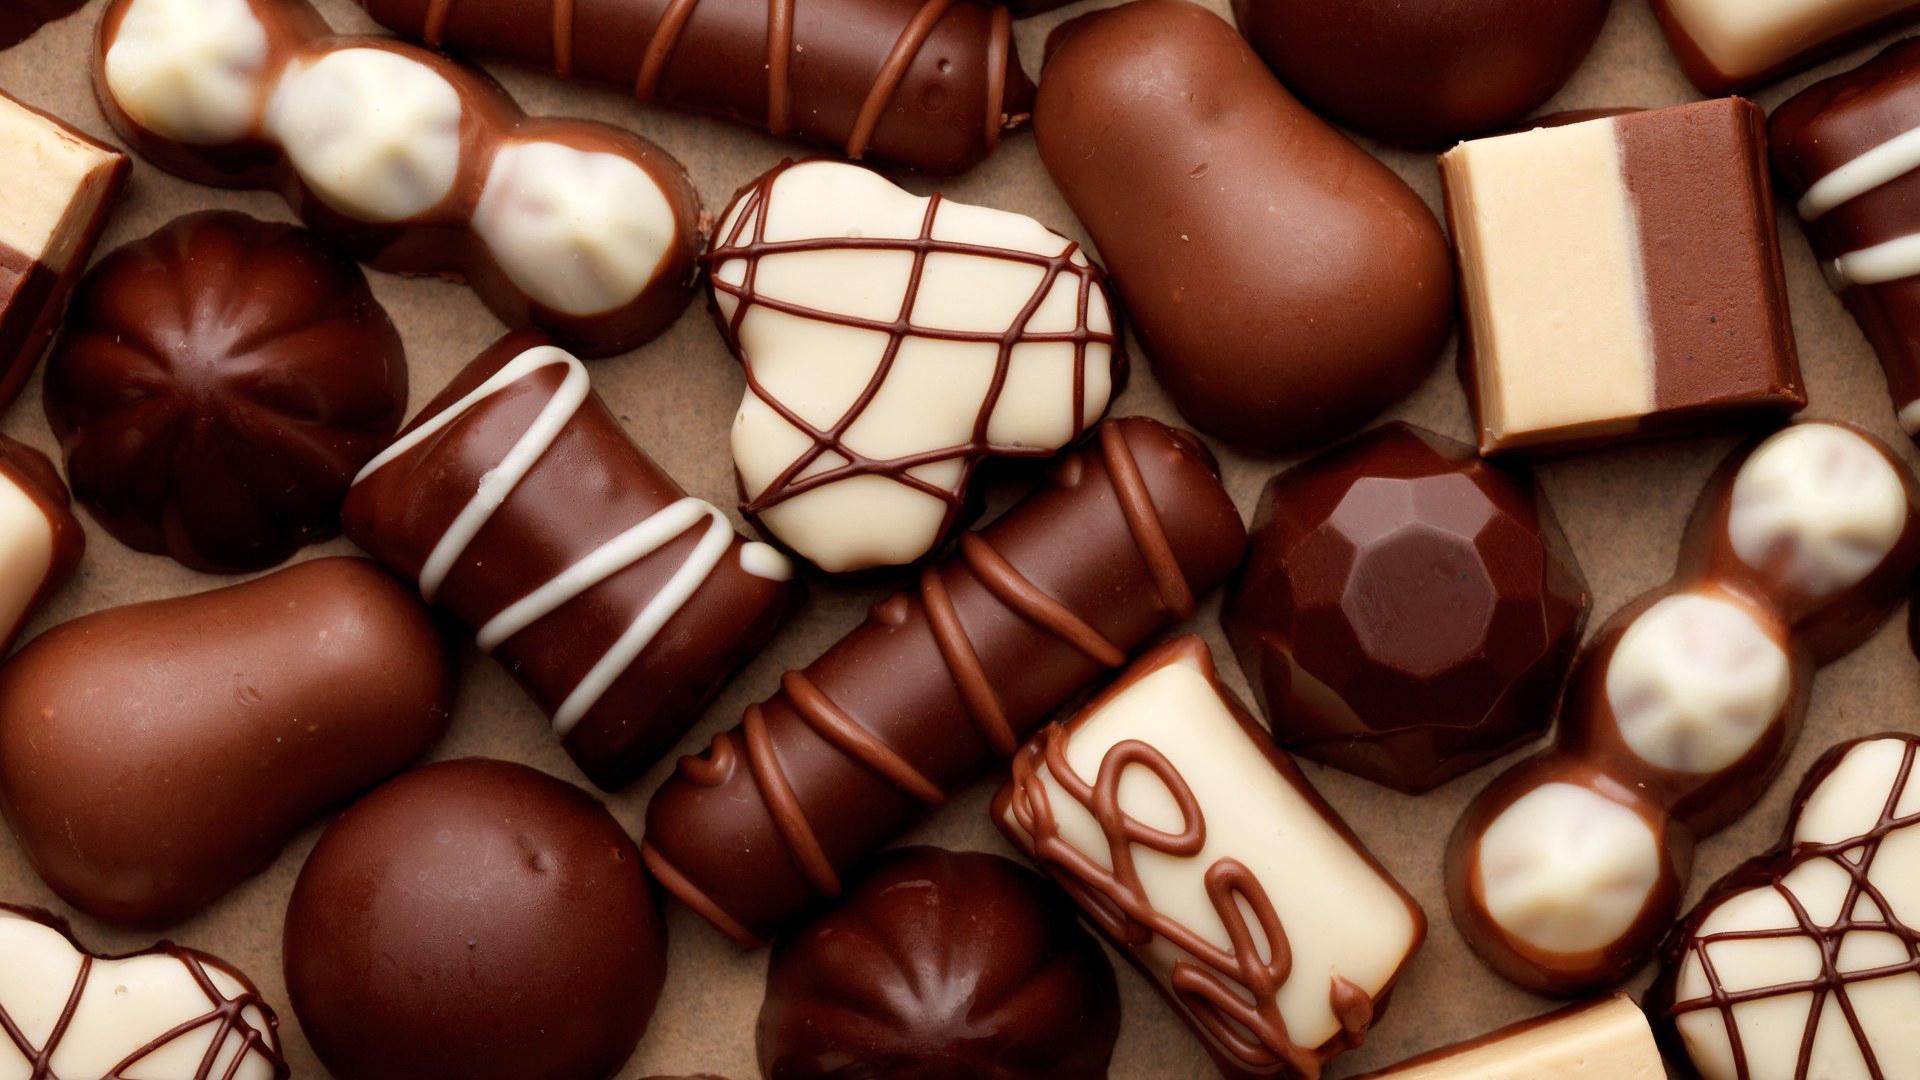 نمایشگاه شیرینی، شکلات و شیرینی های خانگی شیراز